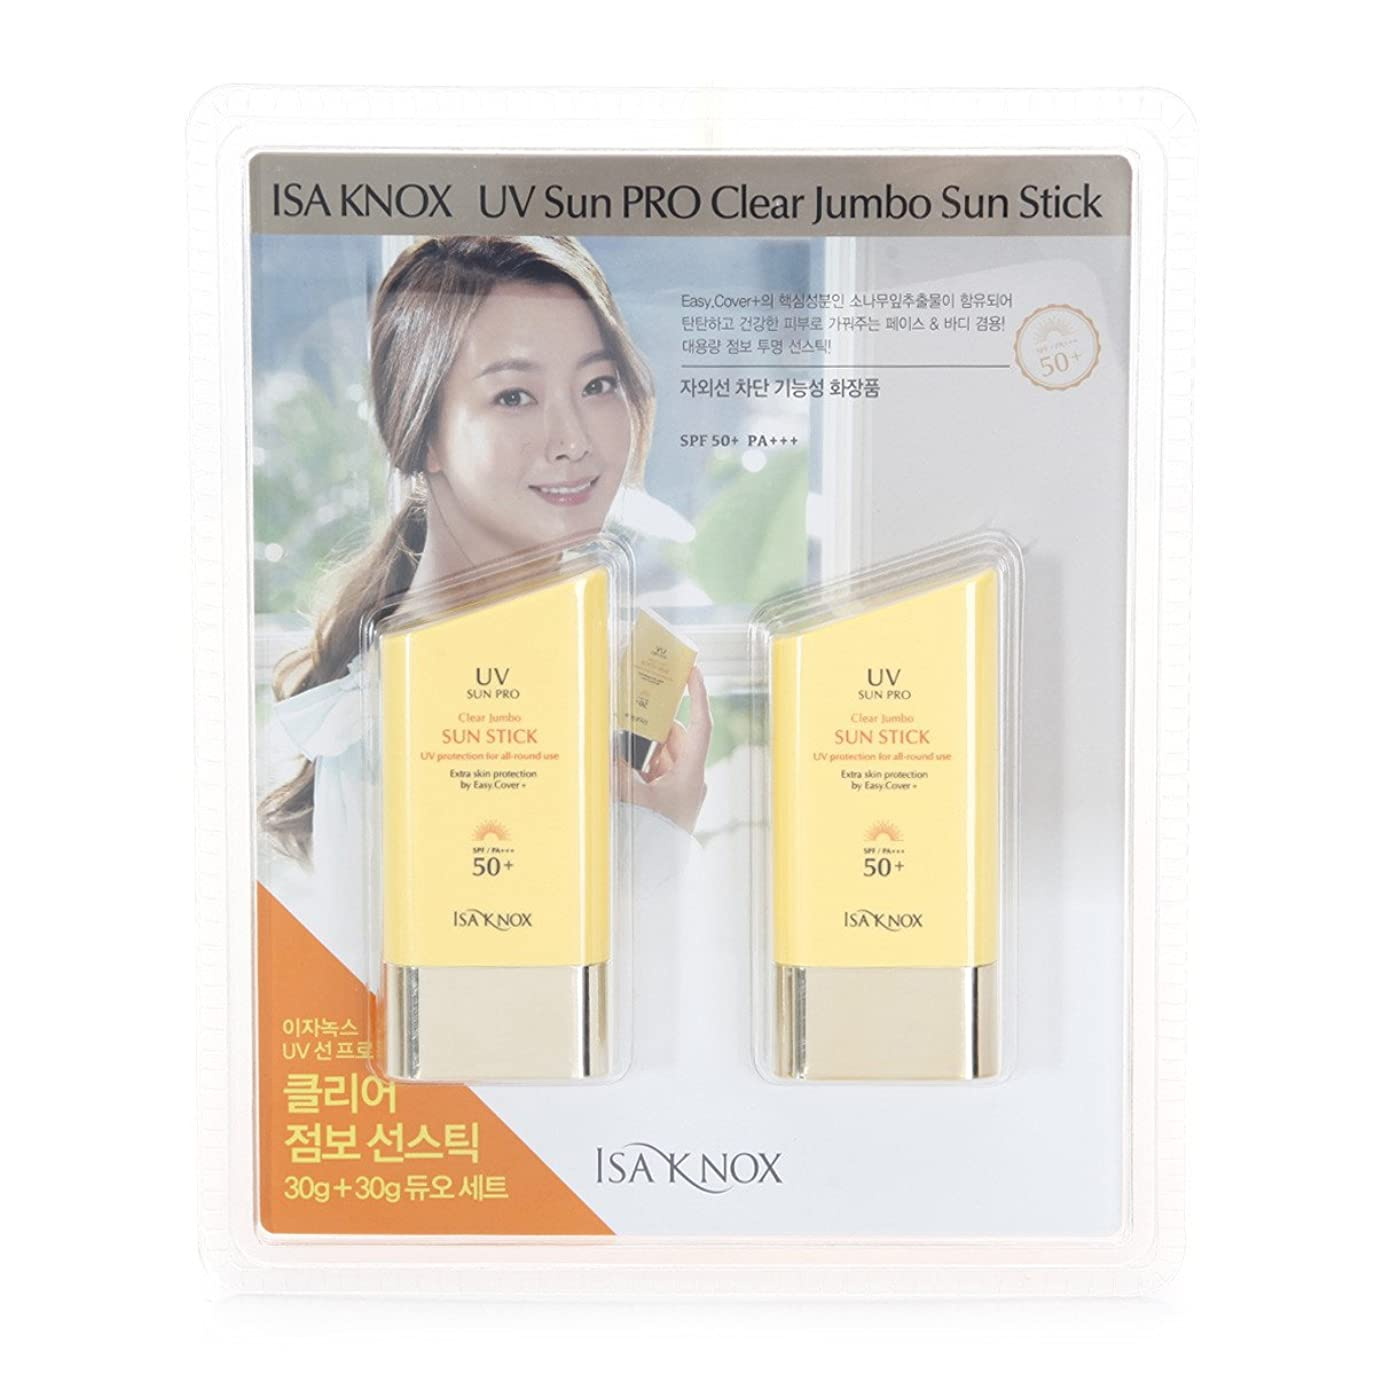 魔女世界的に協定[イザノックス / ISA KNOX] UVサンプロクリアジャンボサンスティック 30g×2個セット / ISA KNOX Sun Pro Clear Jumbo Sun Stick / SPF50+ PA++ / クリアスティック / UVプロテクター / イザノックス正品 (海外直送)